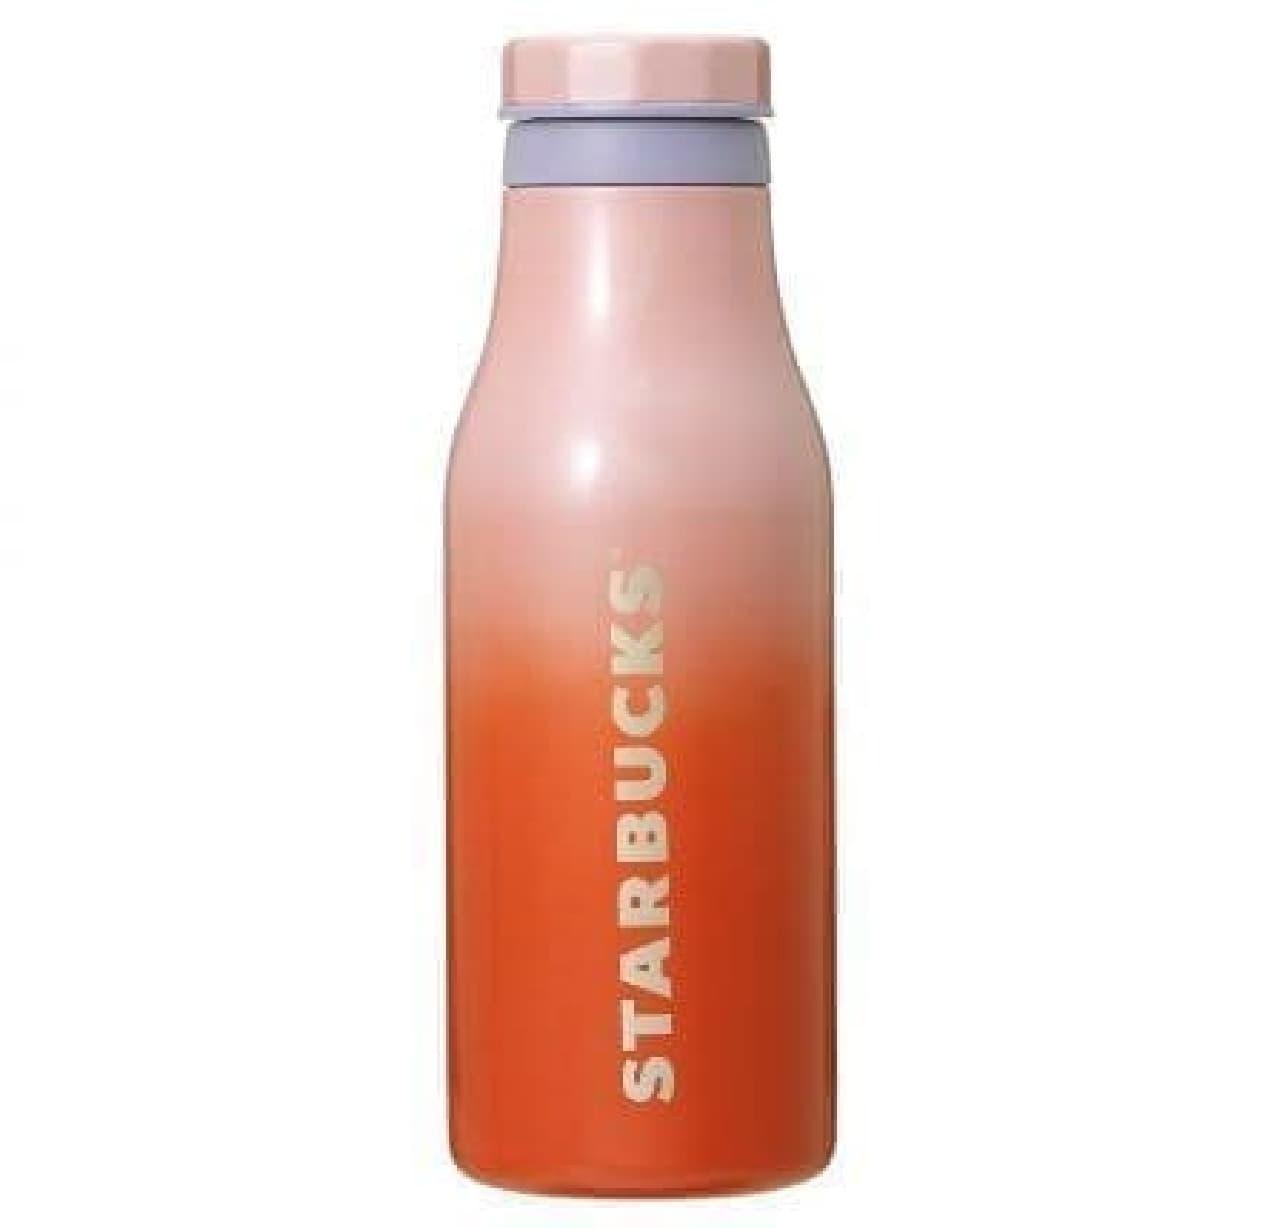 スターバックス「ステンレスボトルグラデーション473ml」